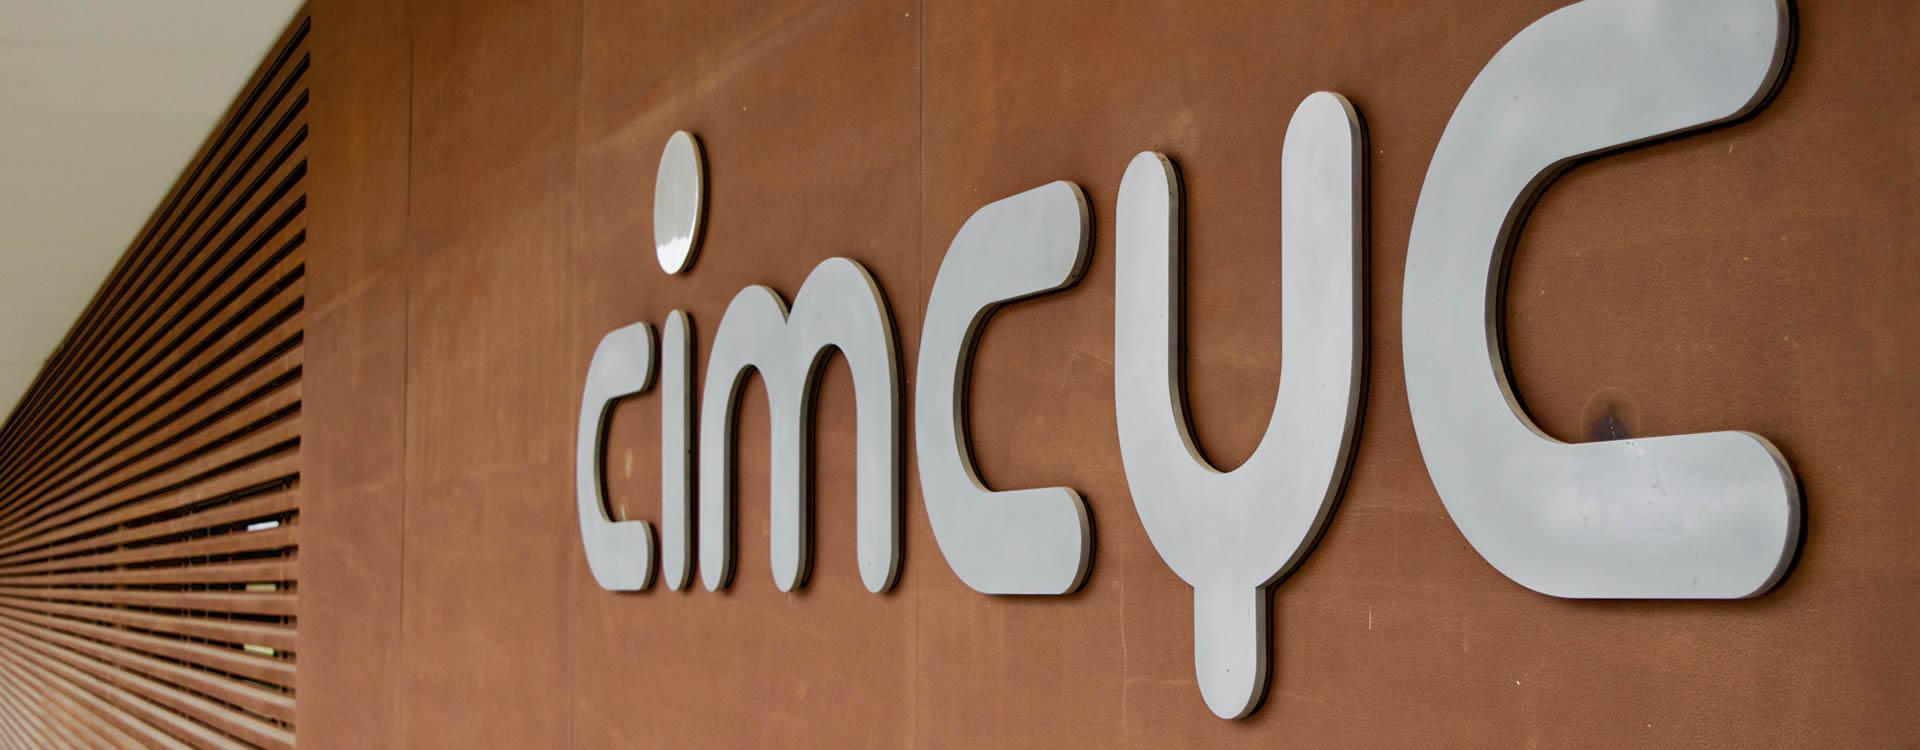 CIMCYC / Grupo PNinsula